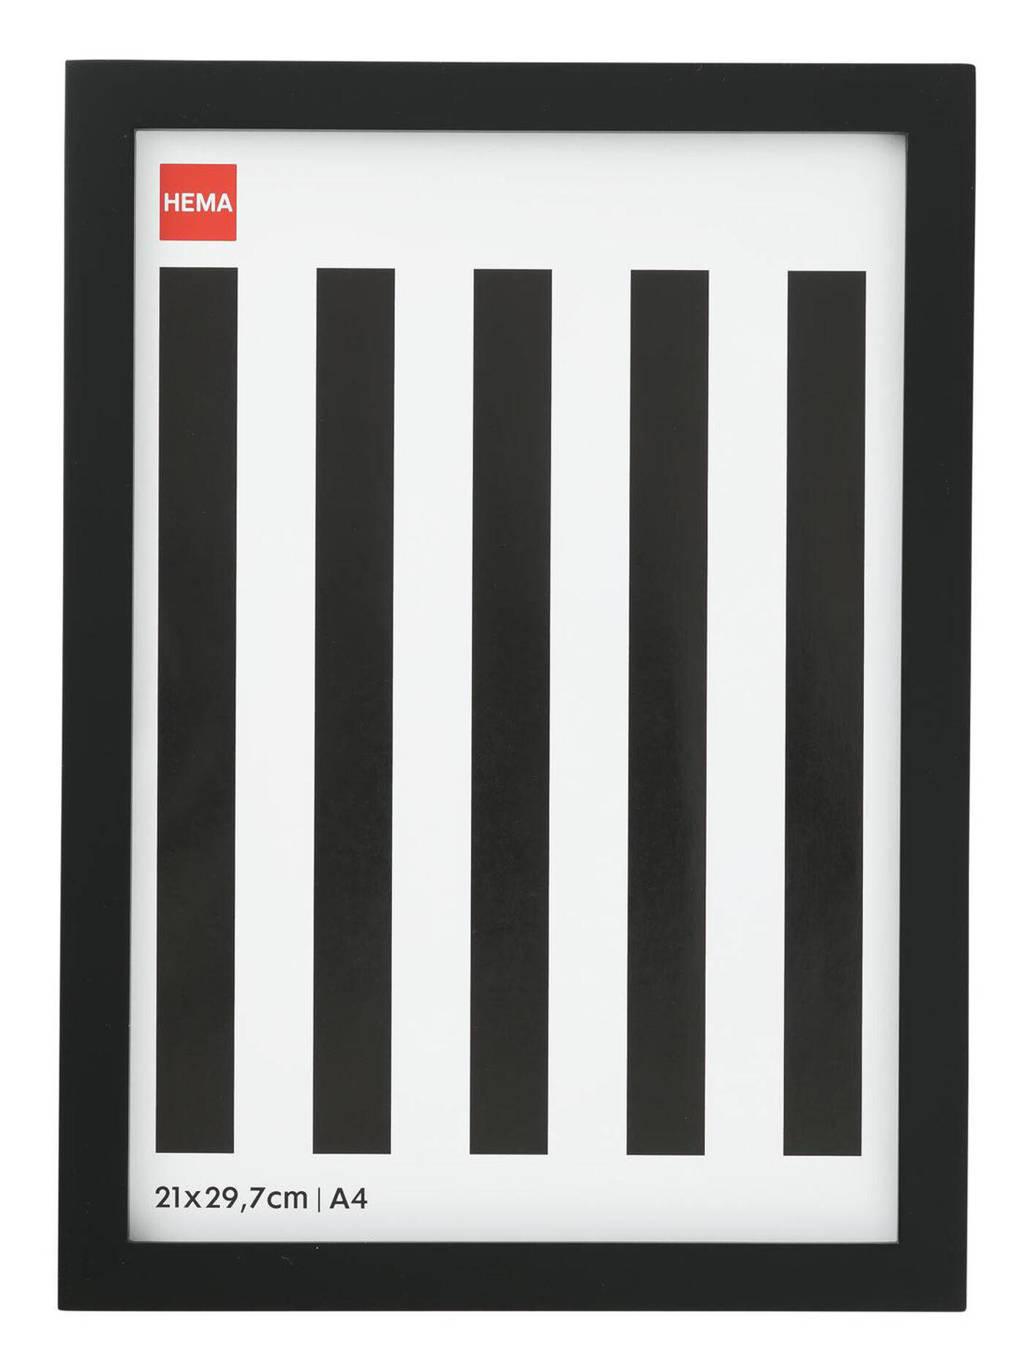 HEMA fotolijst A4  (24x32,5 cm), Zwart